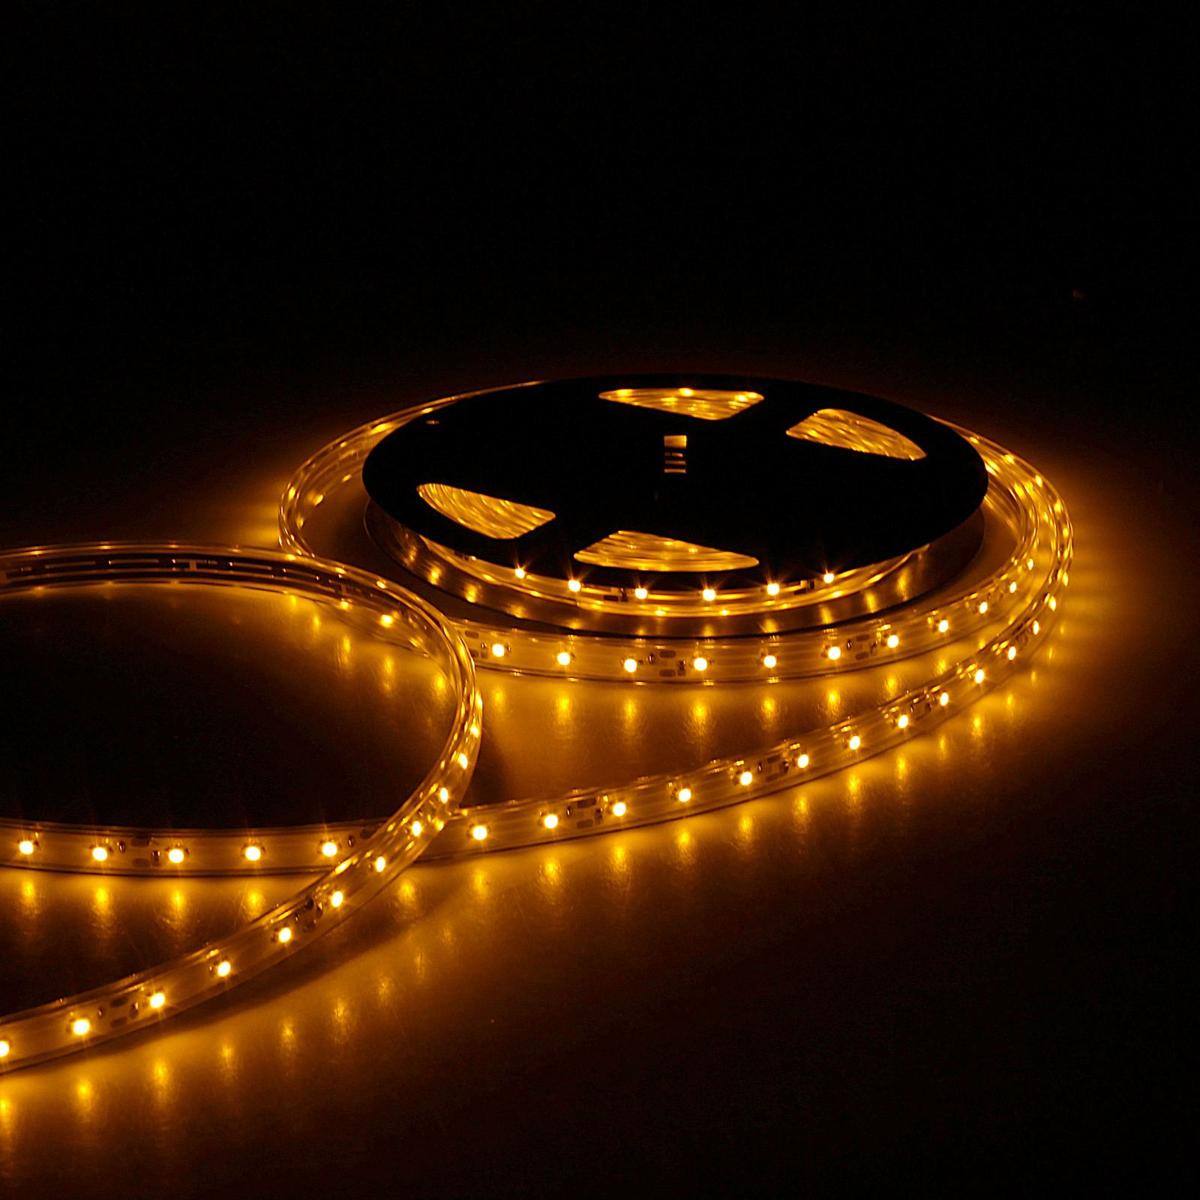 Светодиодная лента Sima-land, 12В, SMD3528, длина 5 м, IP68, 60 LED ламп, 4.8 Вт/м, 6-7 Лм/1 LED, DC, цвет: желтый. 848568848568Светодиодные гирлянды, ленты и т.д — это отличный вариант для новогоднего оформления интерьера или фасада. С их помощью помещение любого размера можно превратить в праздничный зал, а внешние элементы зданий, украшенные ими, мгновенно станут напоминать очертания сказочного дворца. Такие украшения создают ауру предвкушения чуда. Деревья, фасады, витрины, окна и арки будто специально созданы, чтобы вы украсили их светящимися нитями.